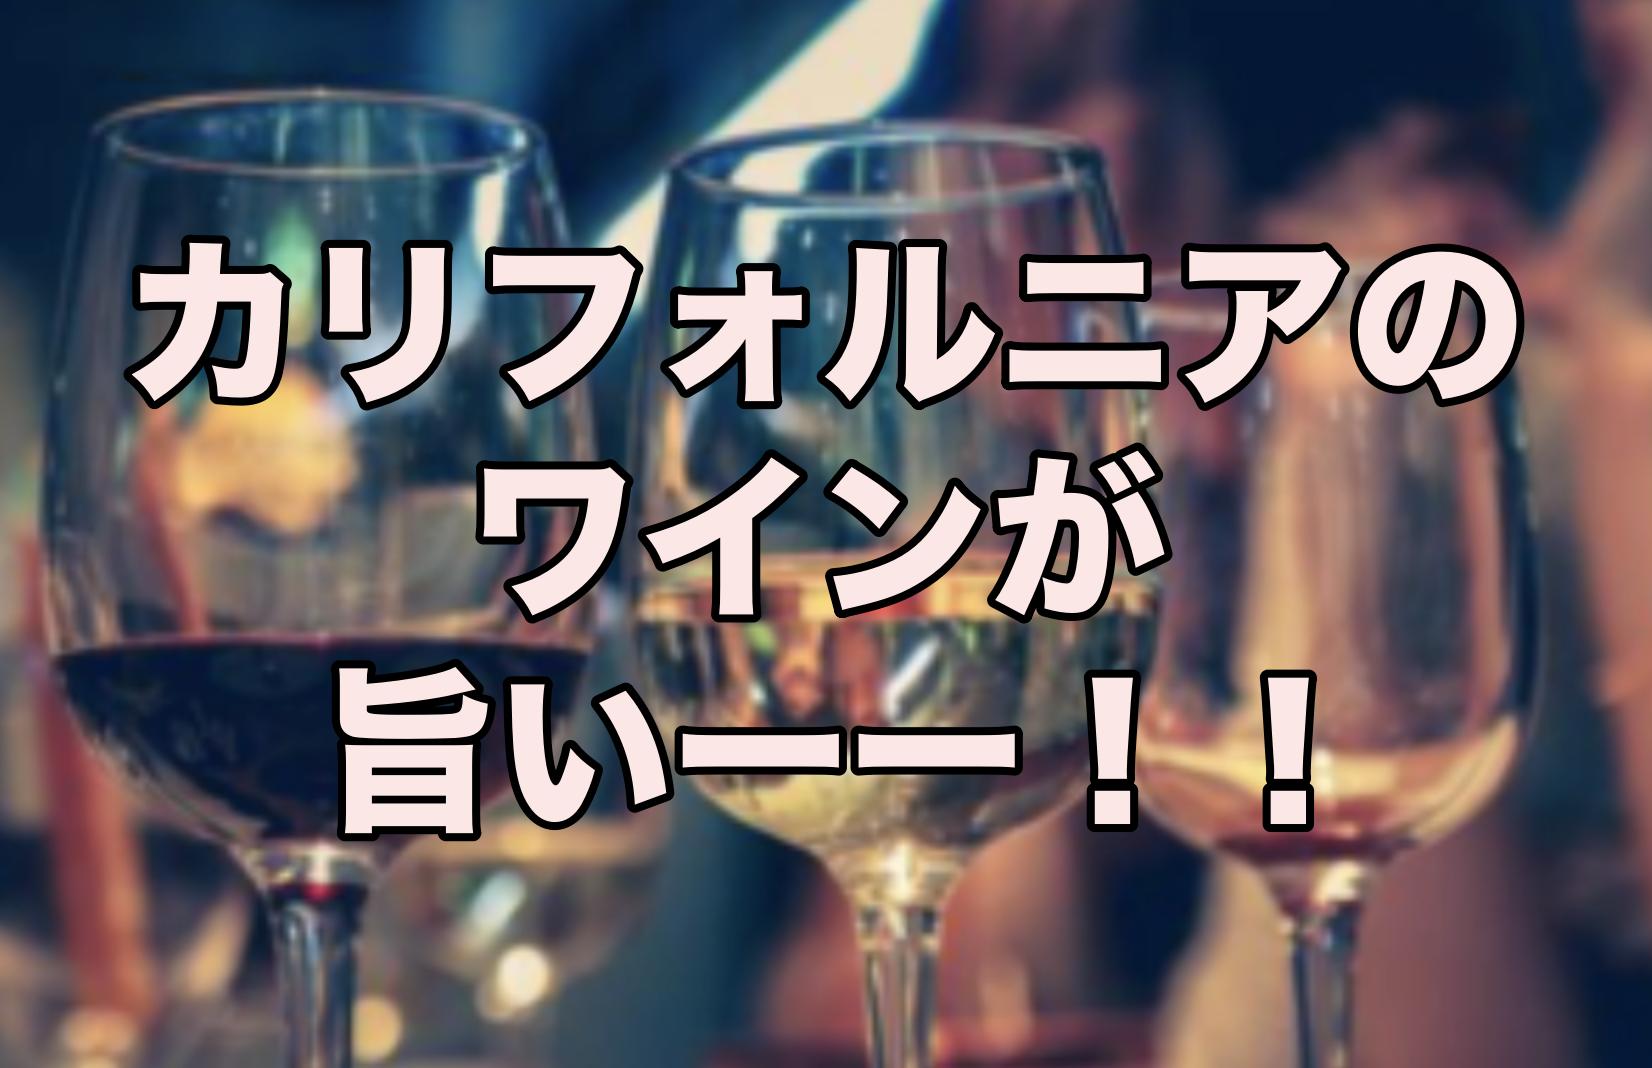 うまい!コスパも!?最近好きなカリフォルニアワイン【ワイン】